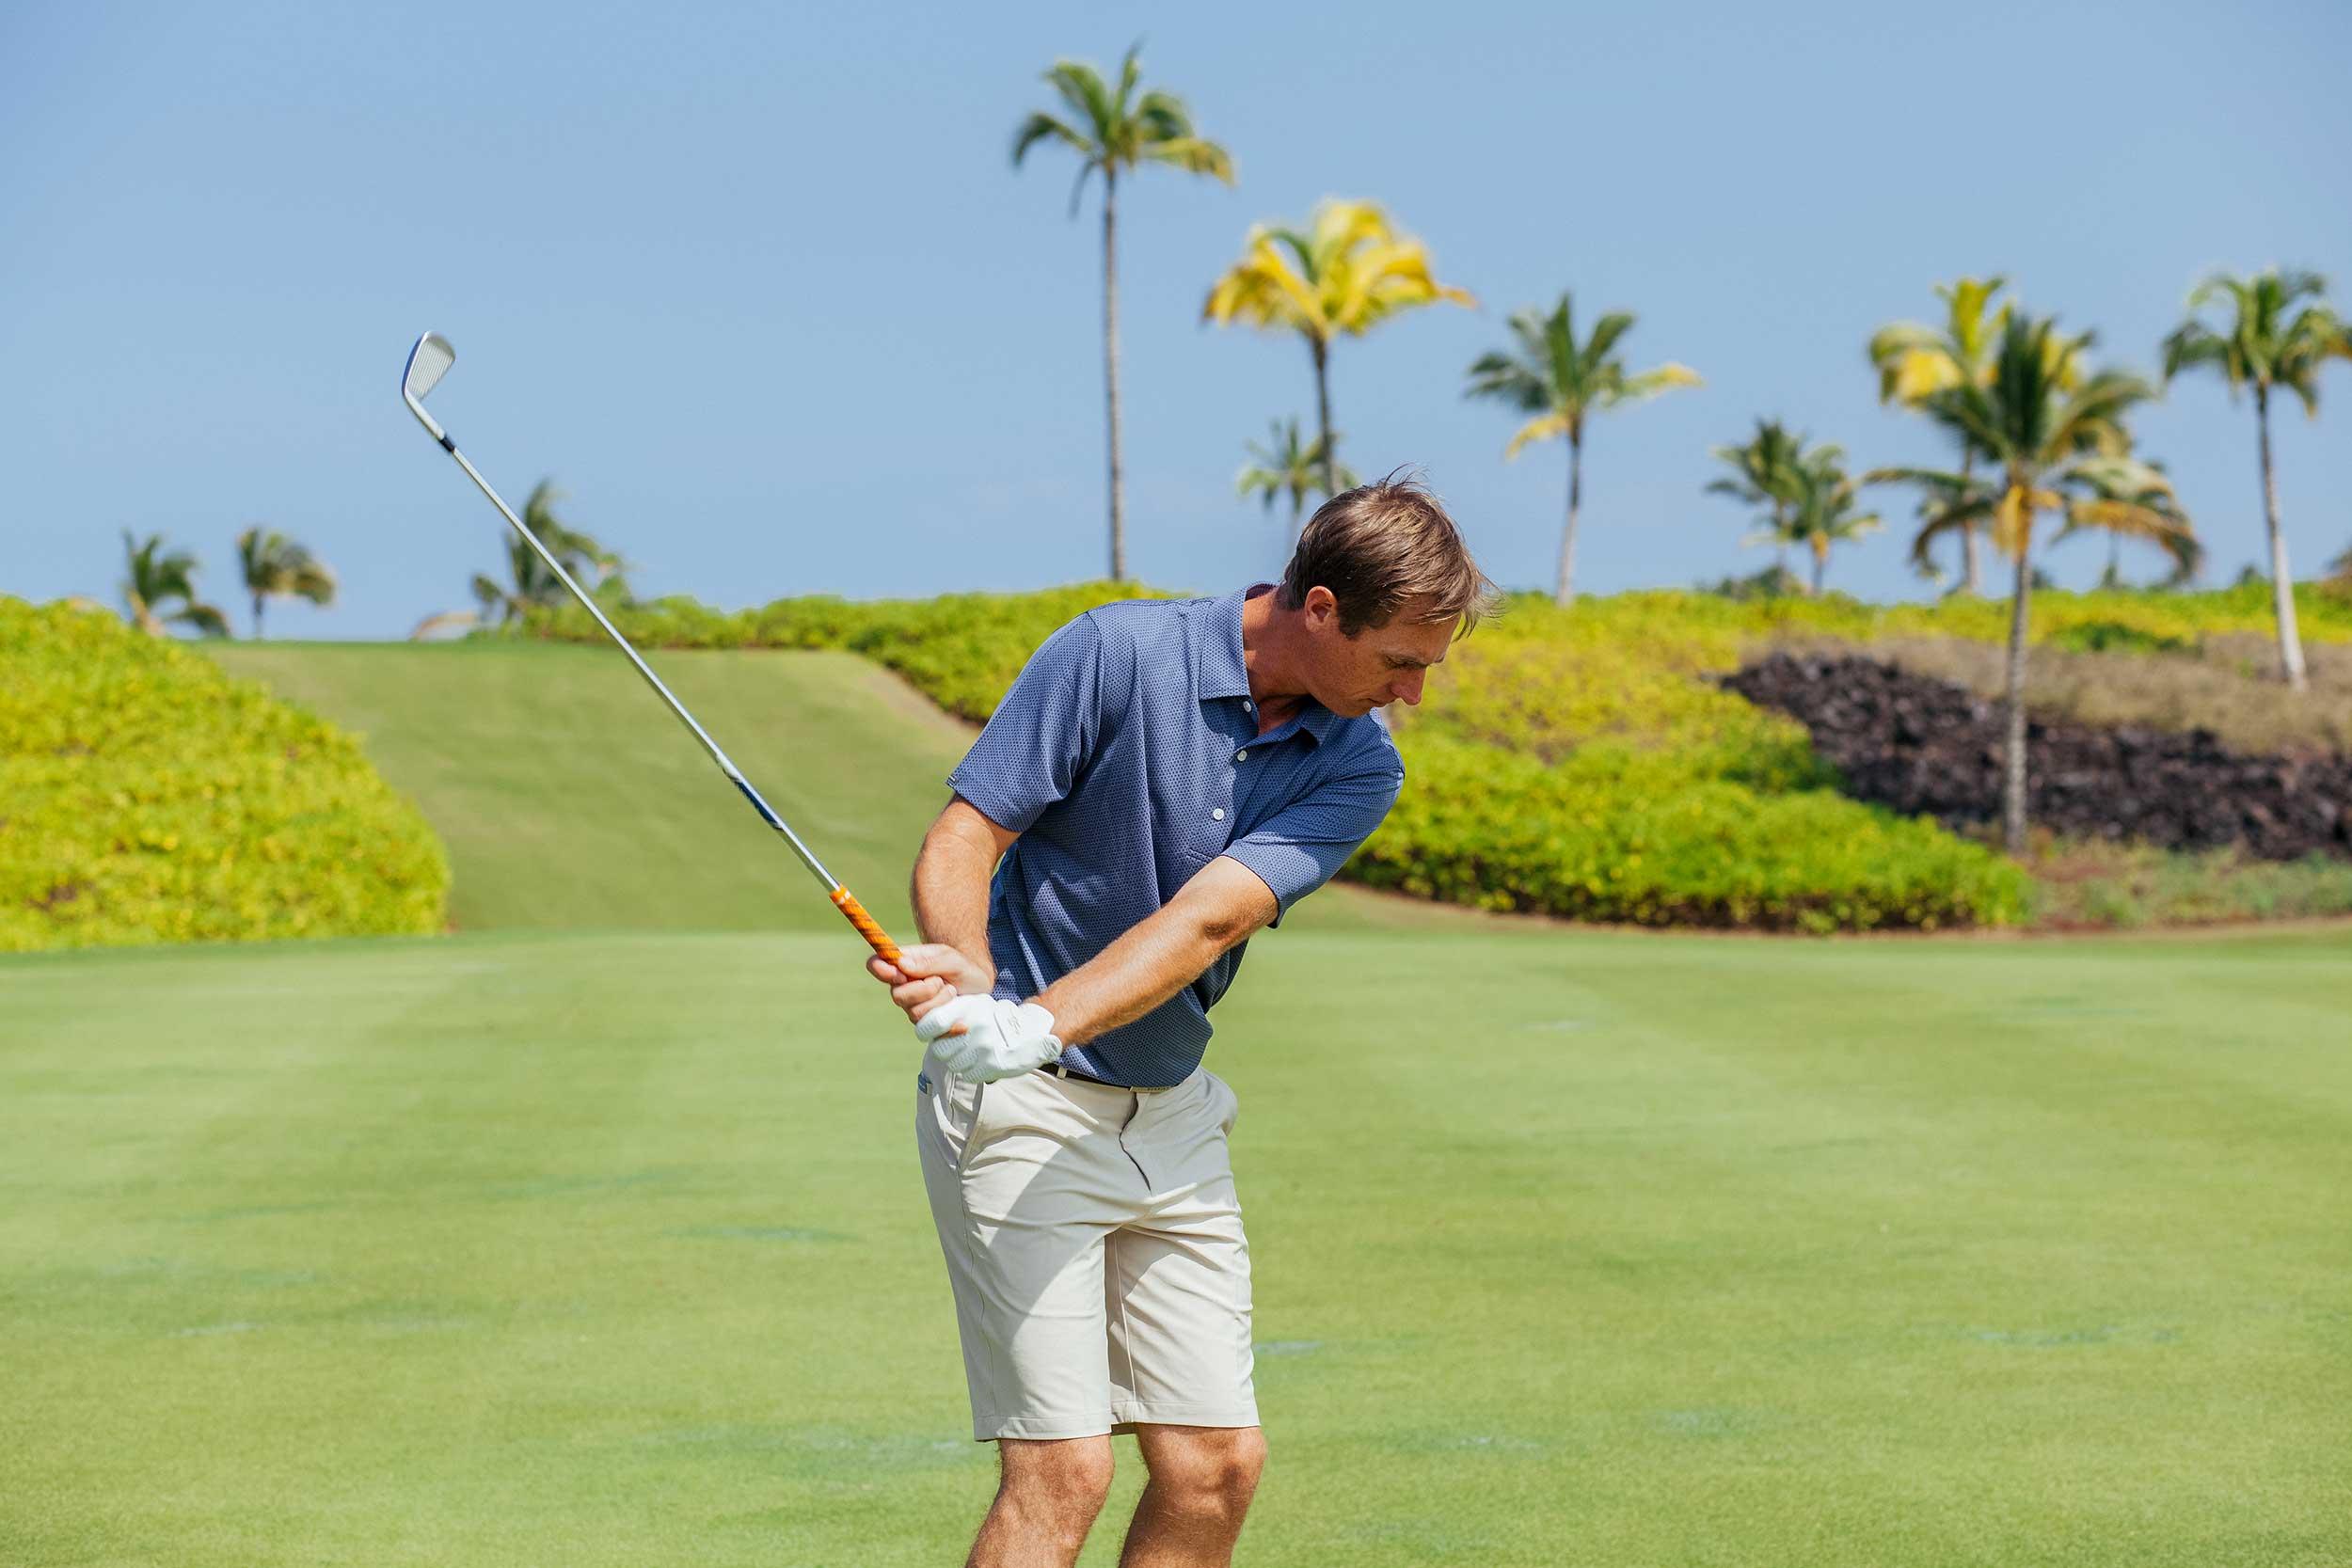 Dunning-Golf-Hawaii-26